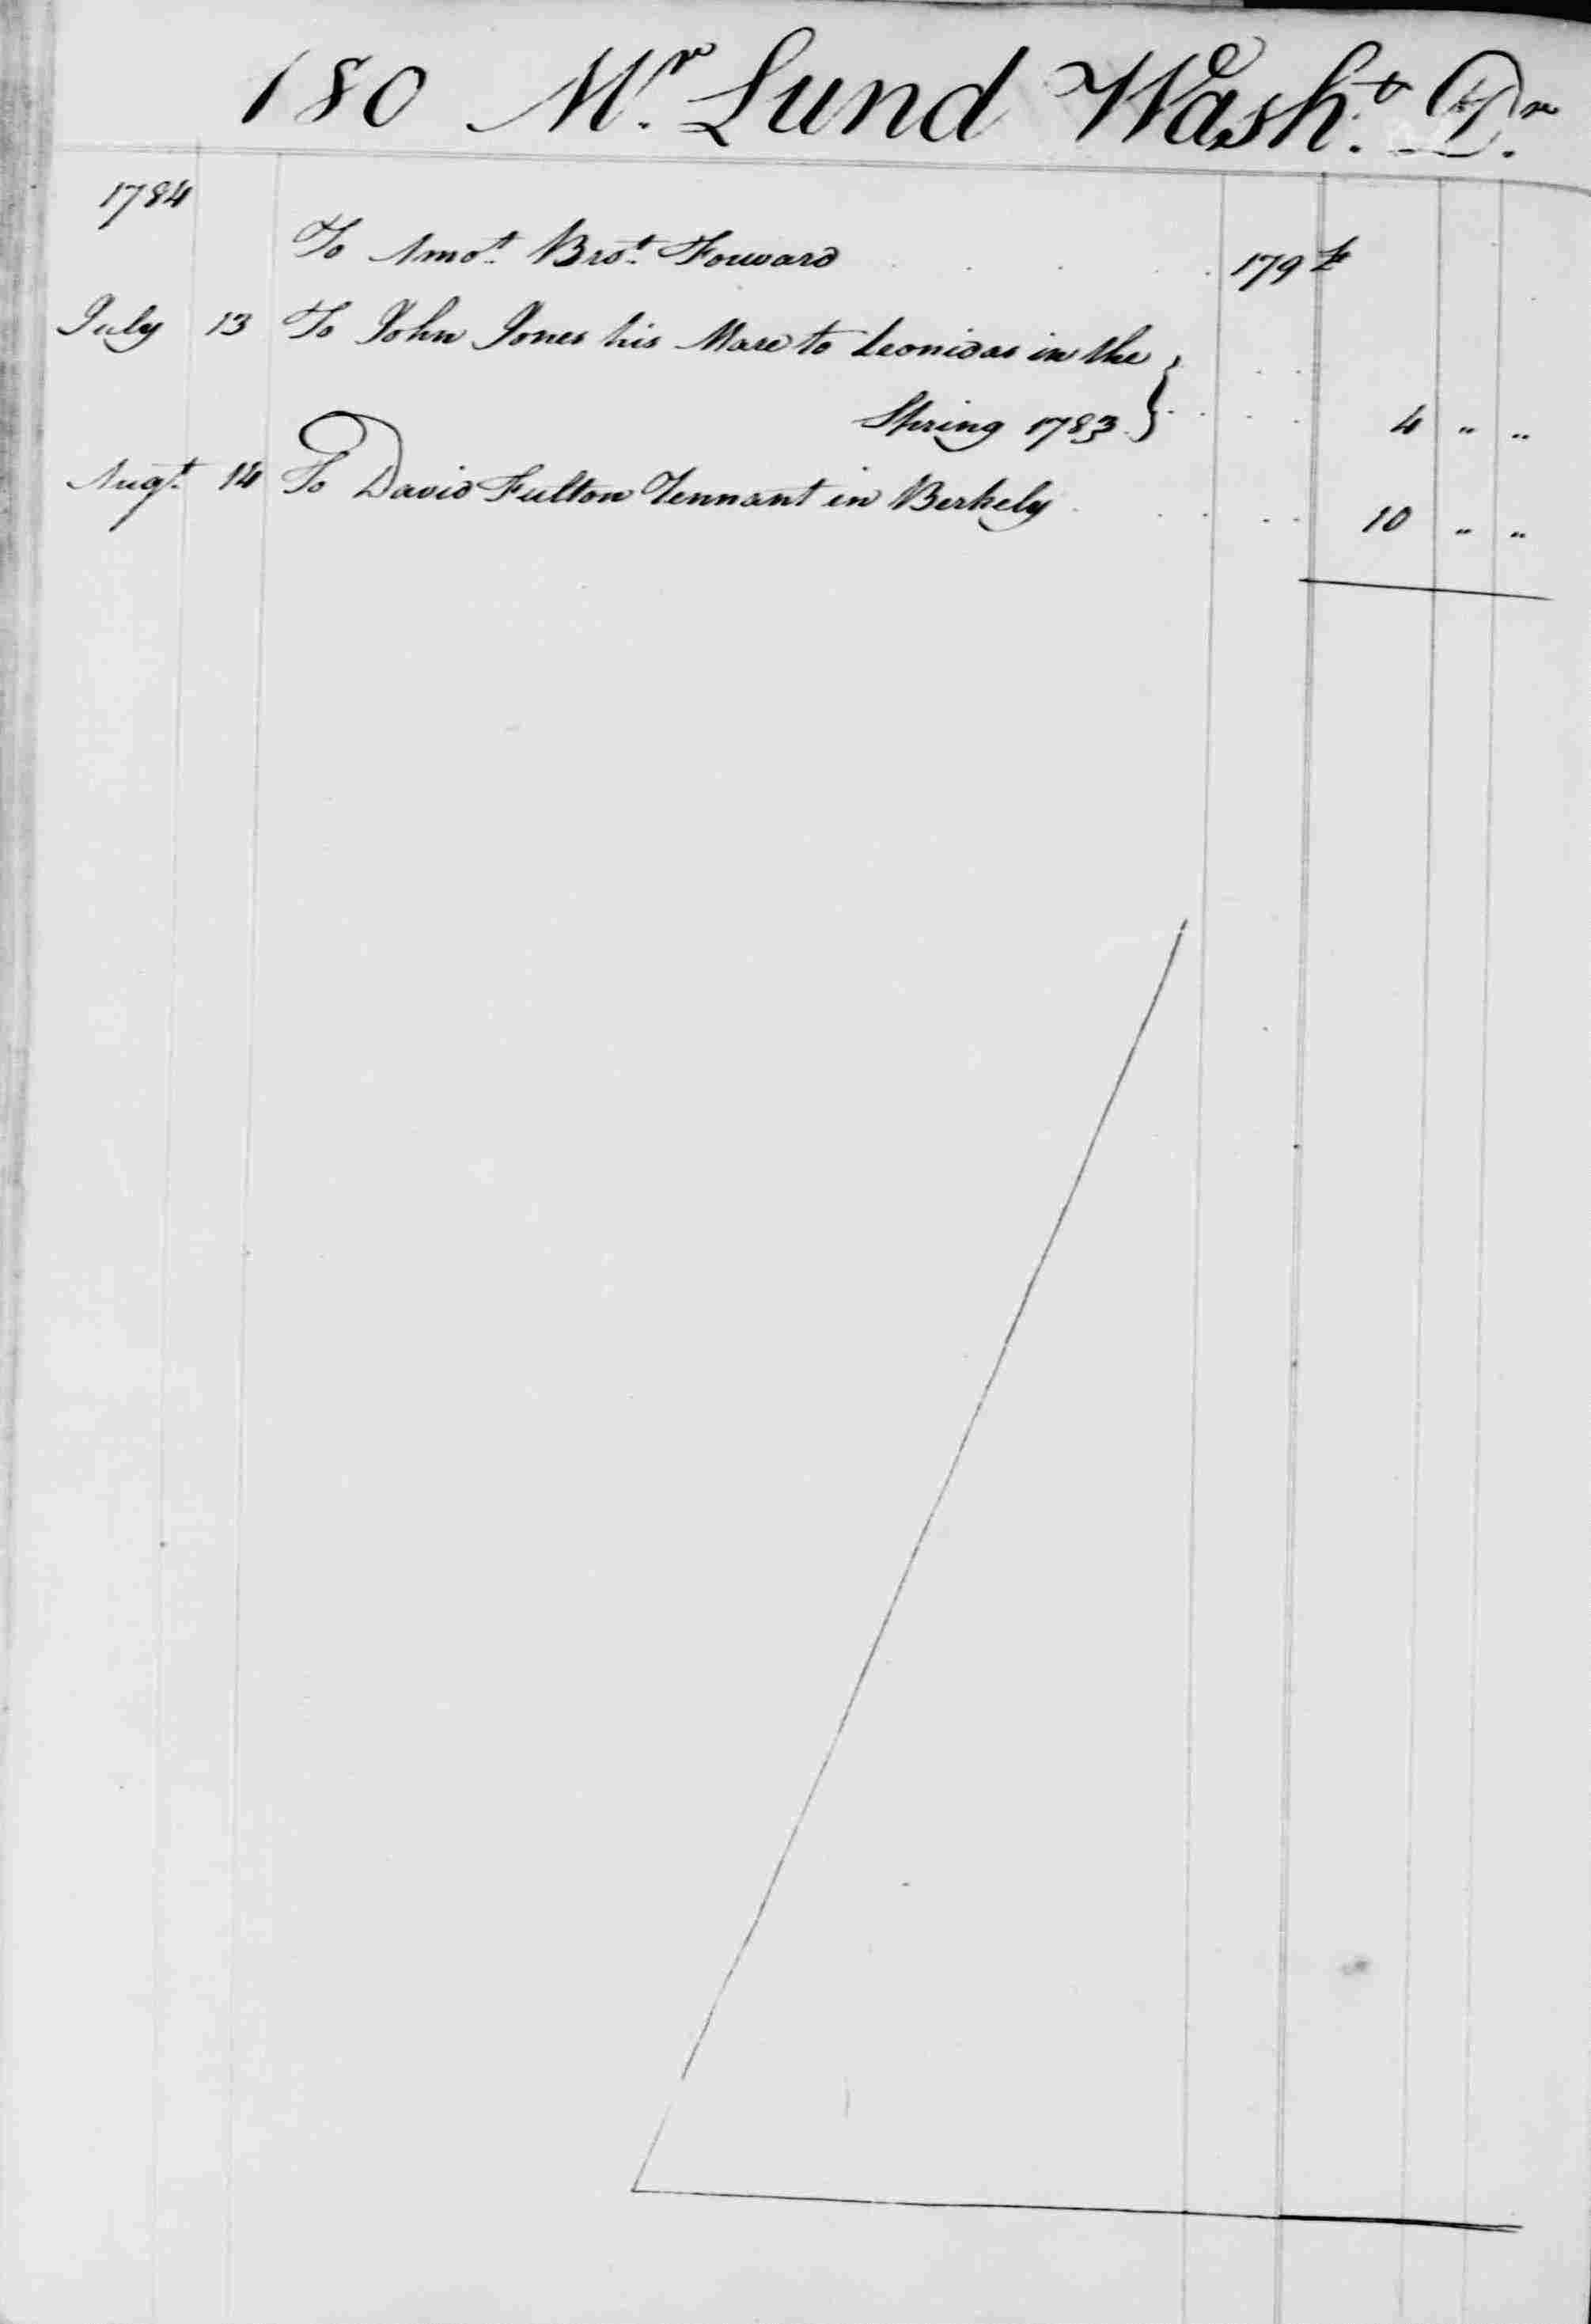 Ledger B, folio 180, left side